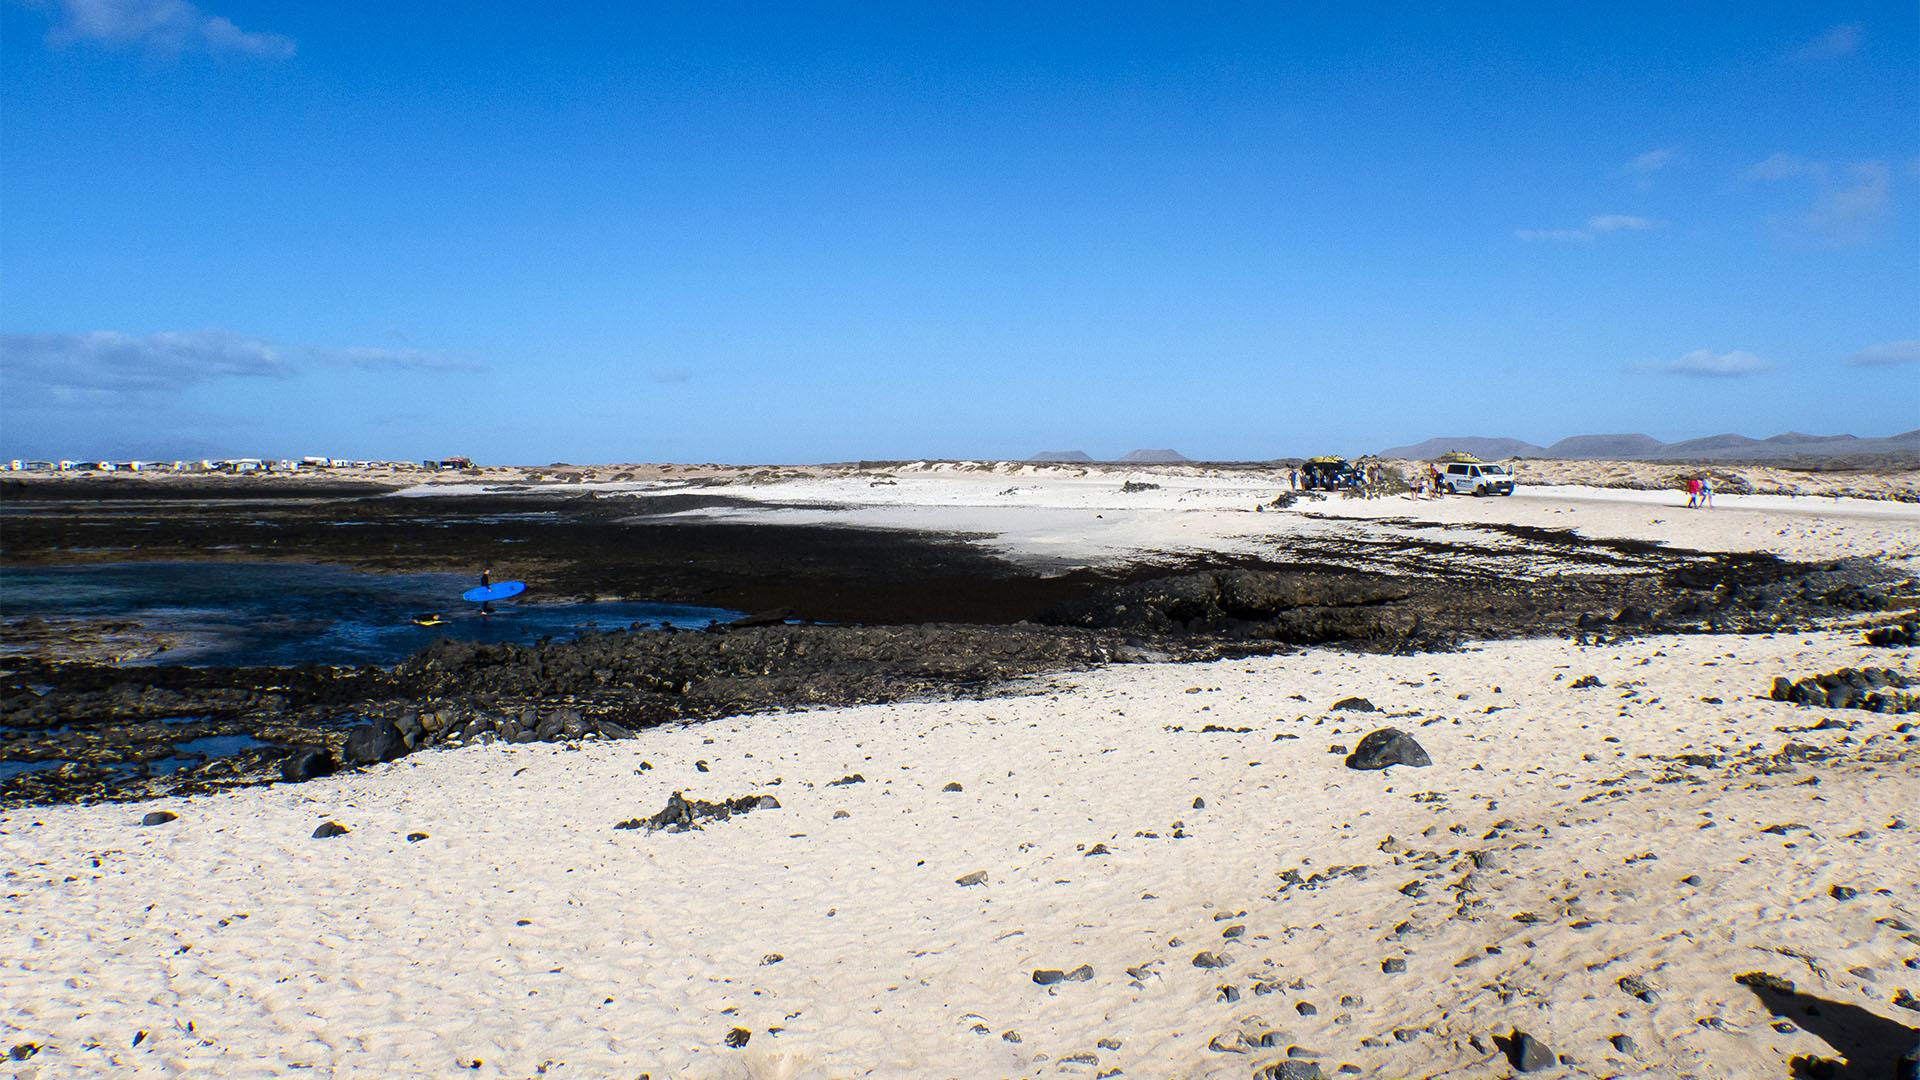 Die Strände von Fuerteventura: Caleta de Punta Aguda –Punta Gorda + Punta Aguda.